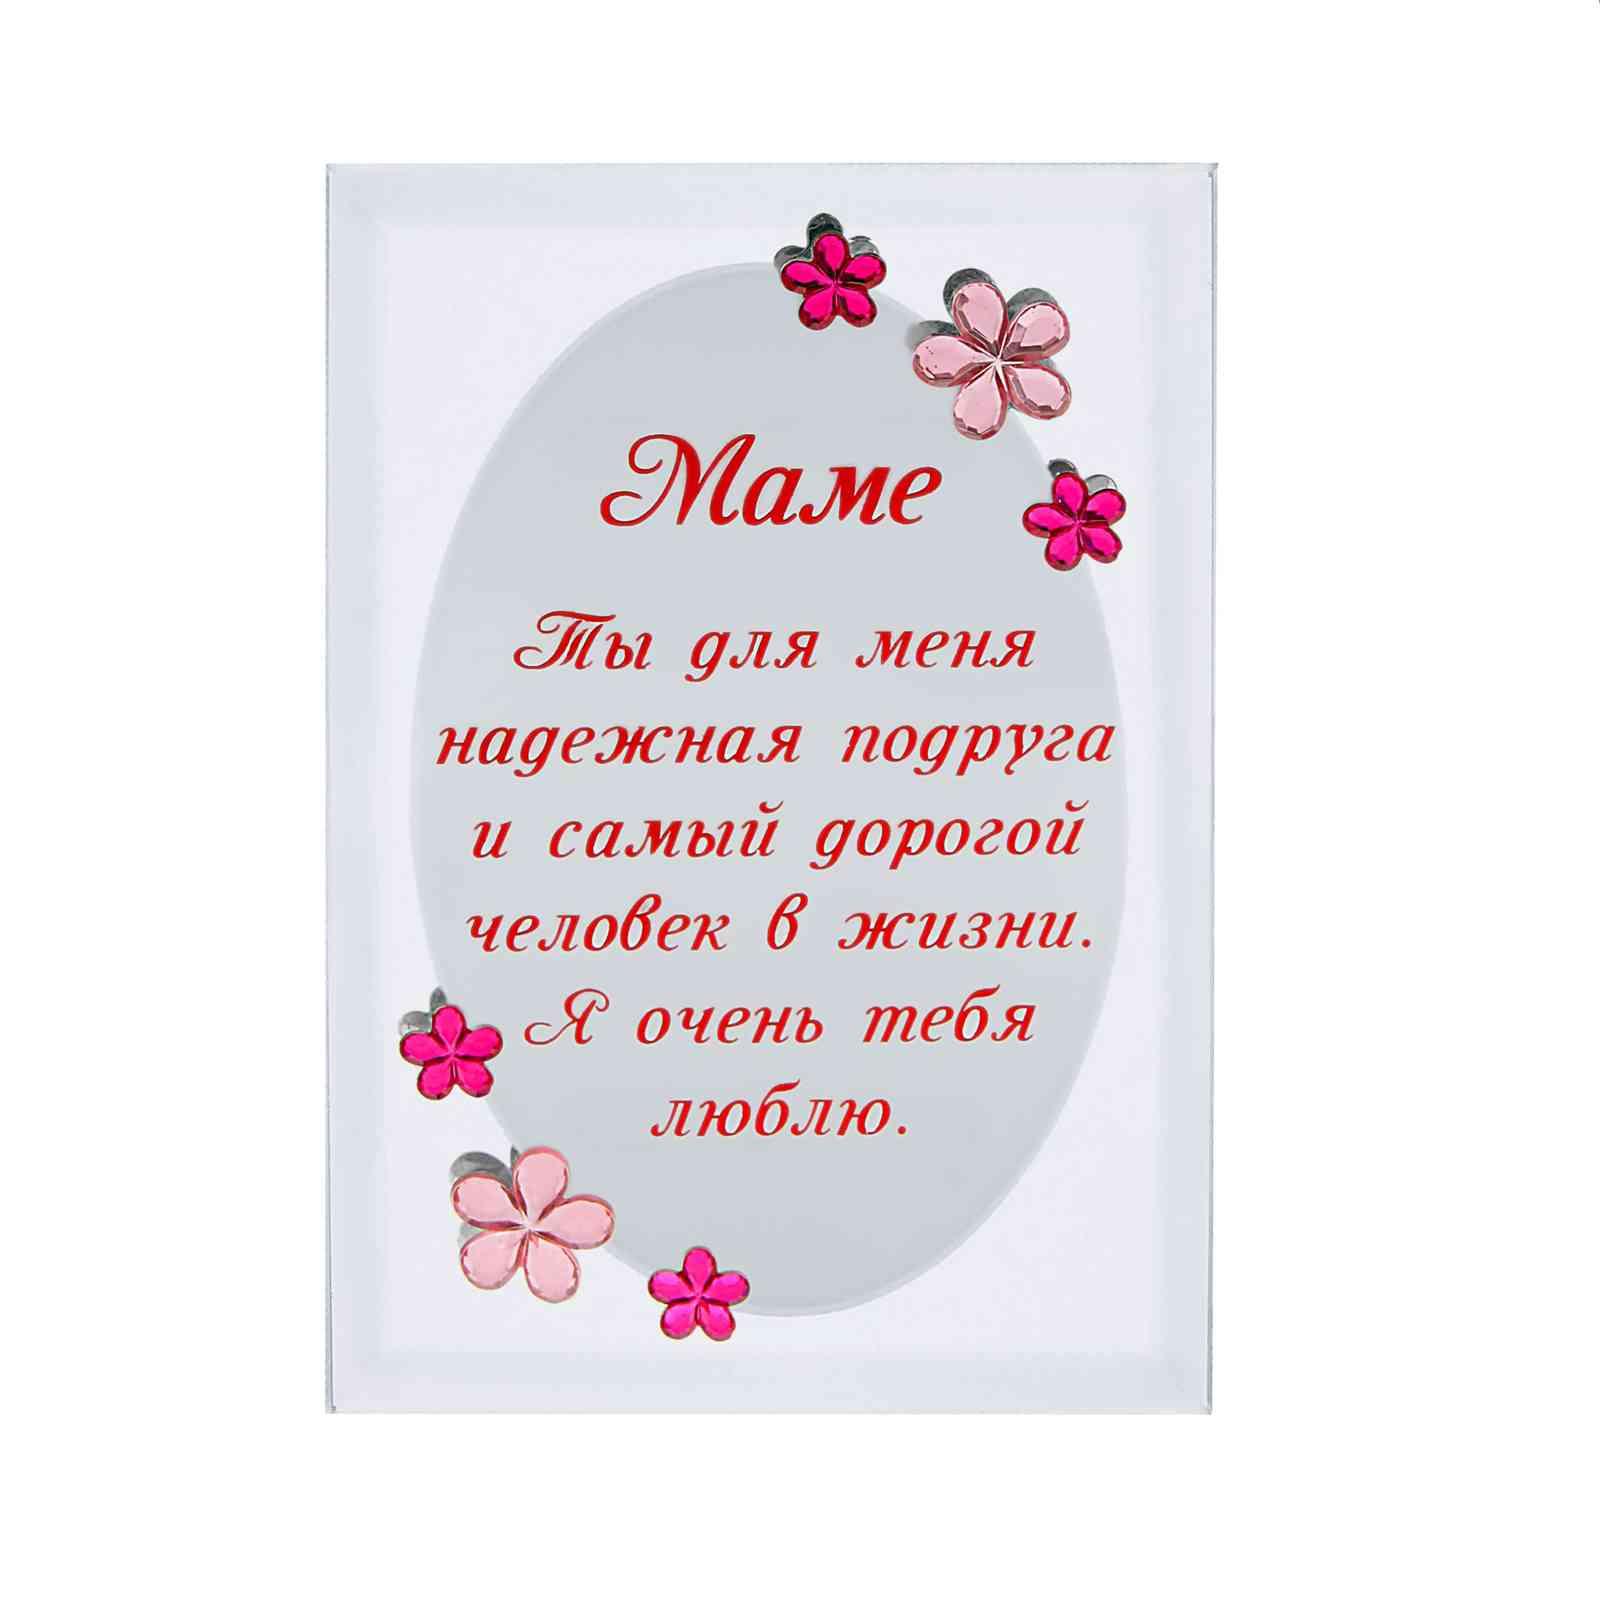 Что написать в поздравительной открытке на день рождения маме